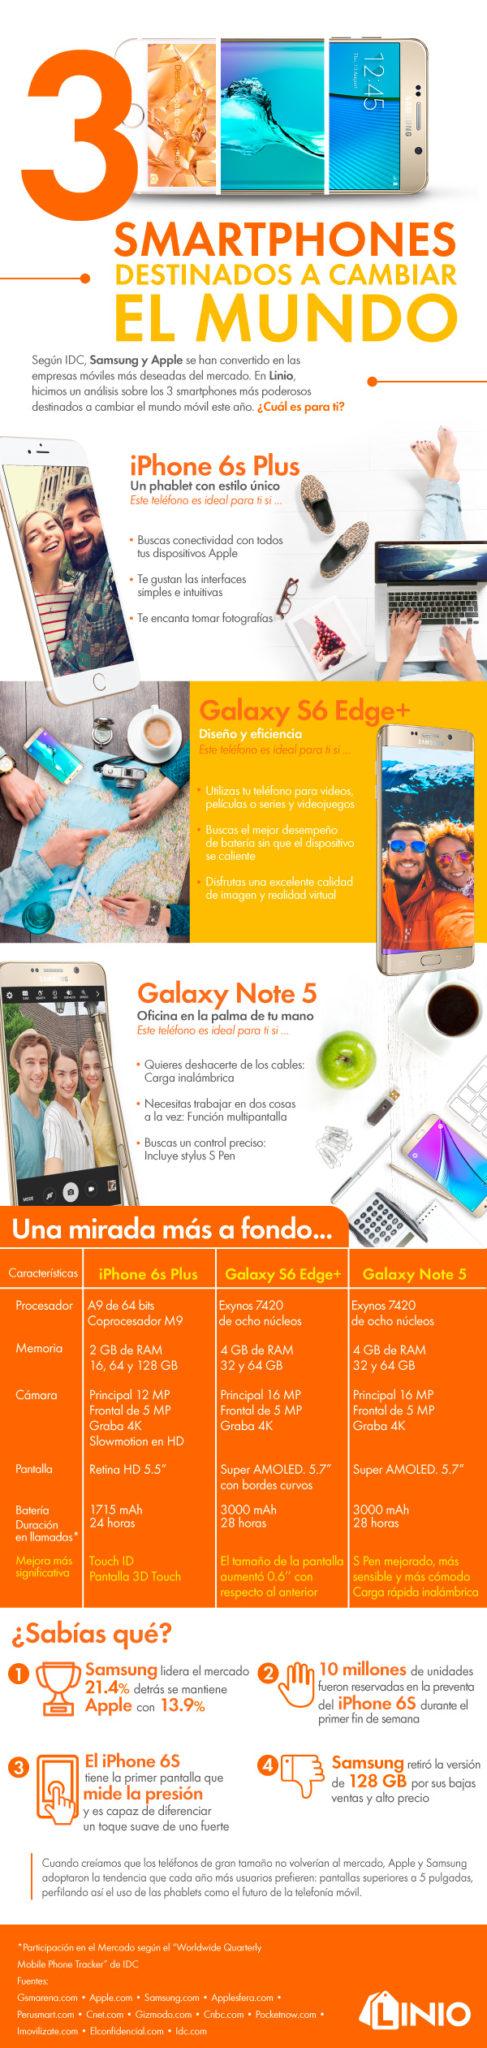 Infografía provista por Linio.com.mx